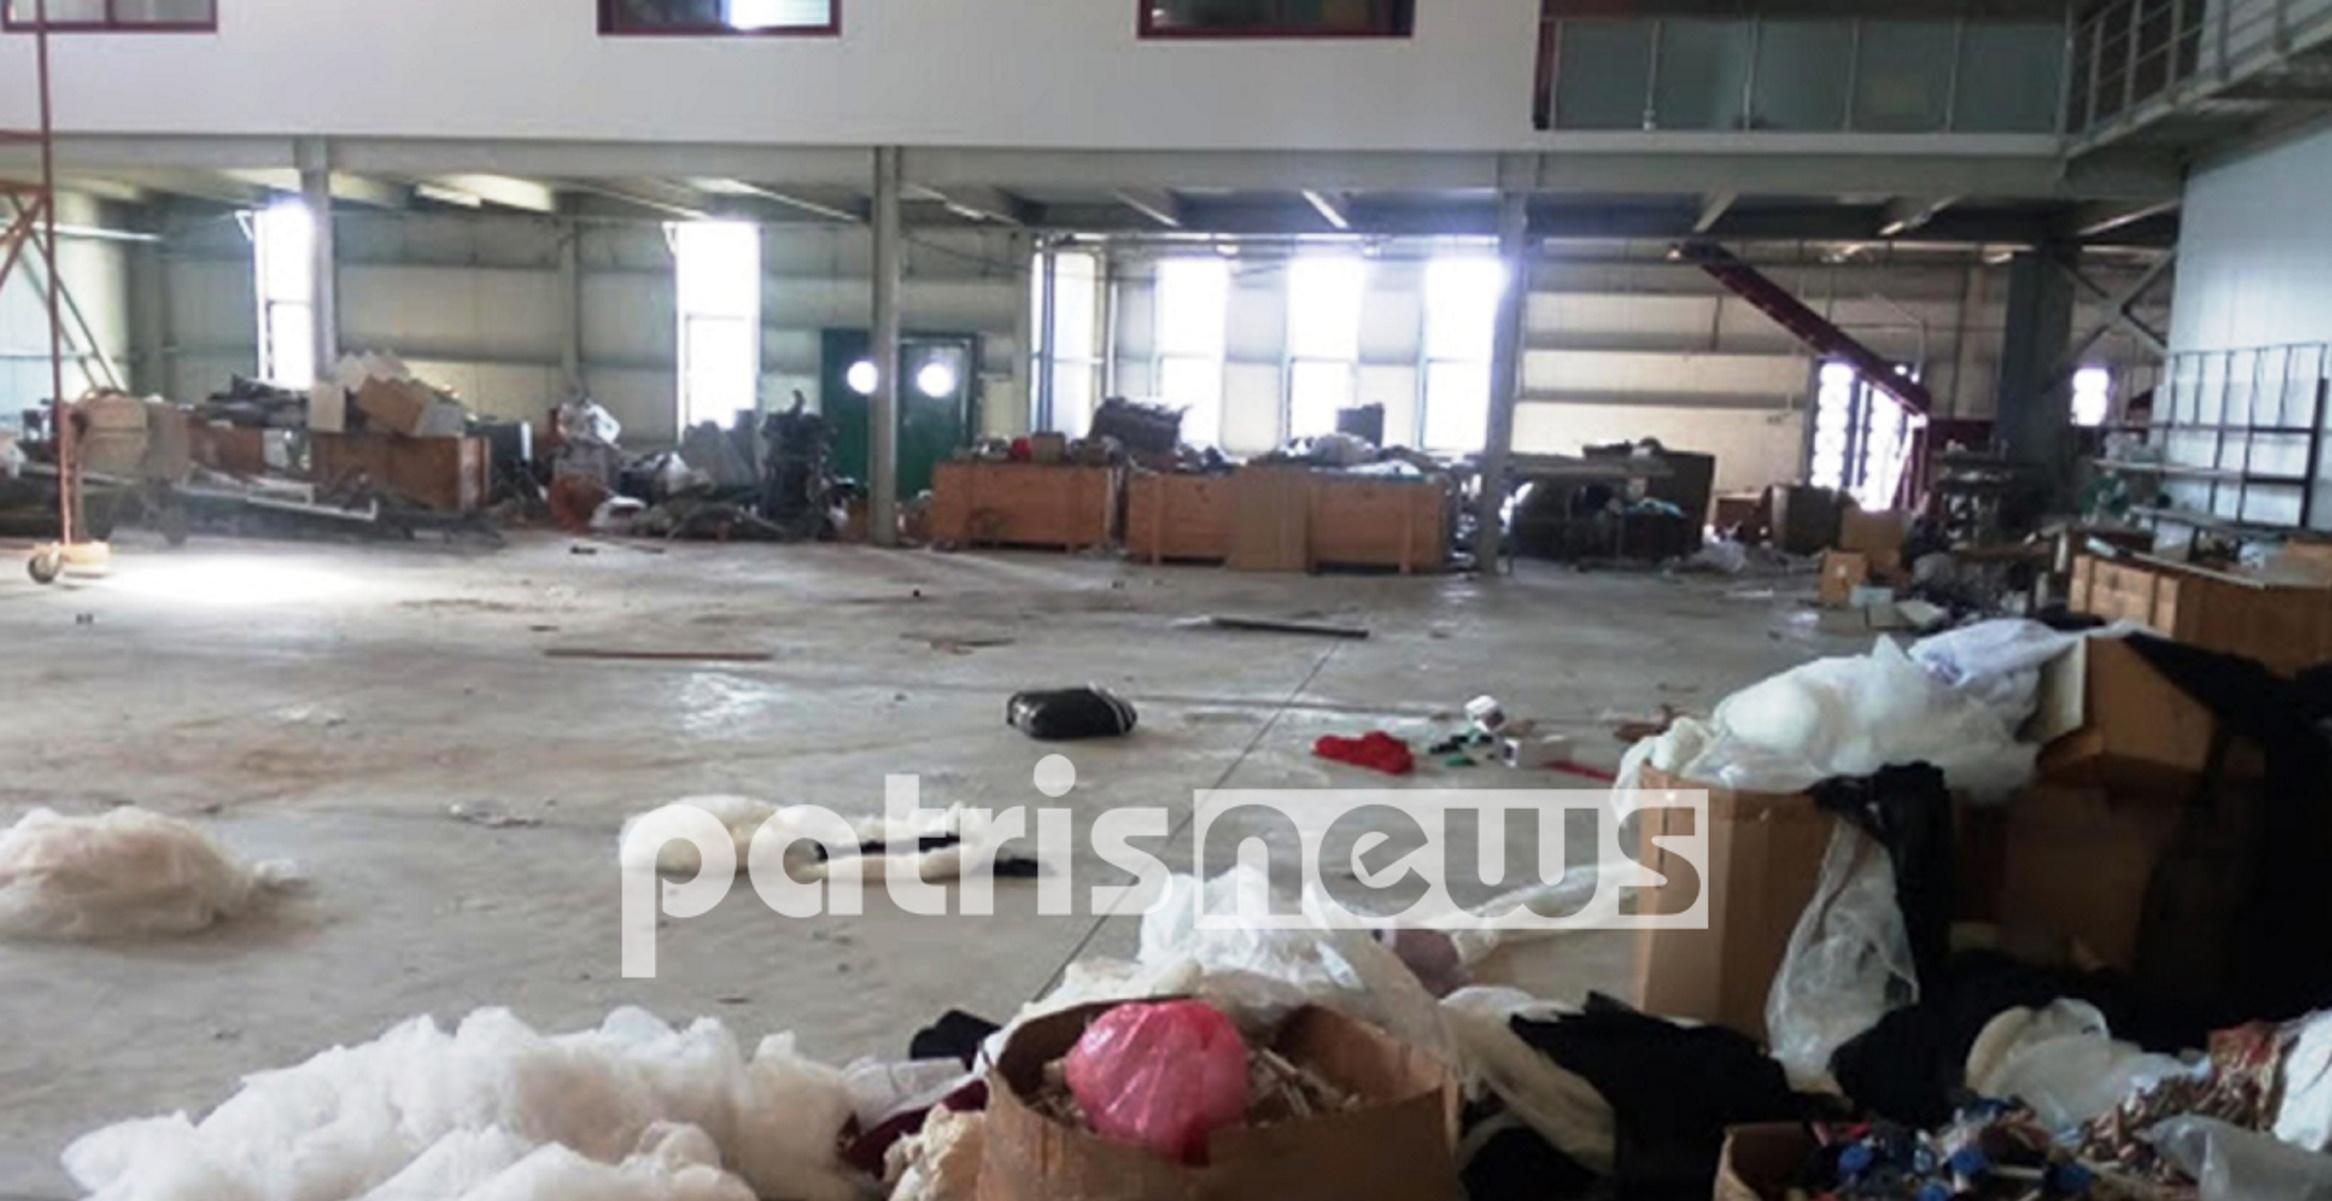 """Ηλεία: Λεηλασία 500.000 ευρώ – Διαρρήκτες """"ξήλωσαν"""" ολόκληρο εργοστάσιο! (pics)"""